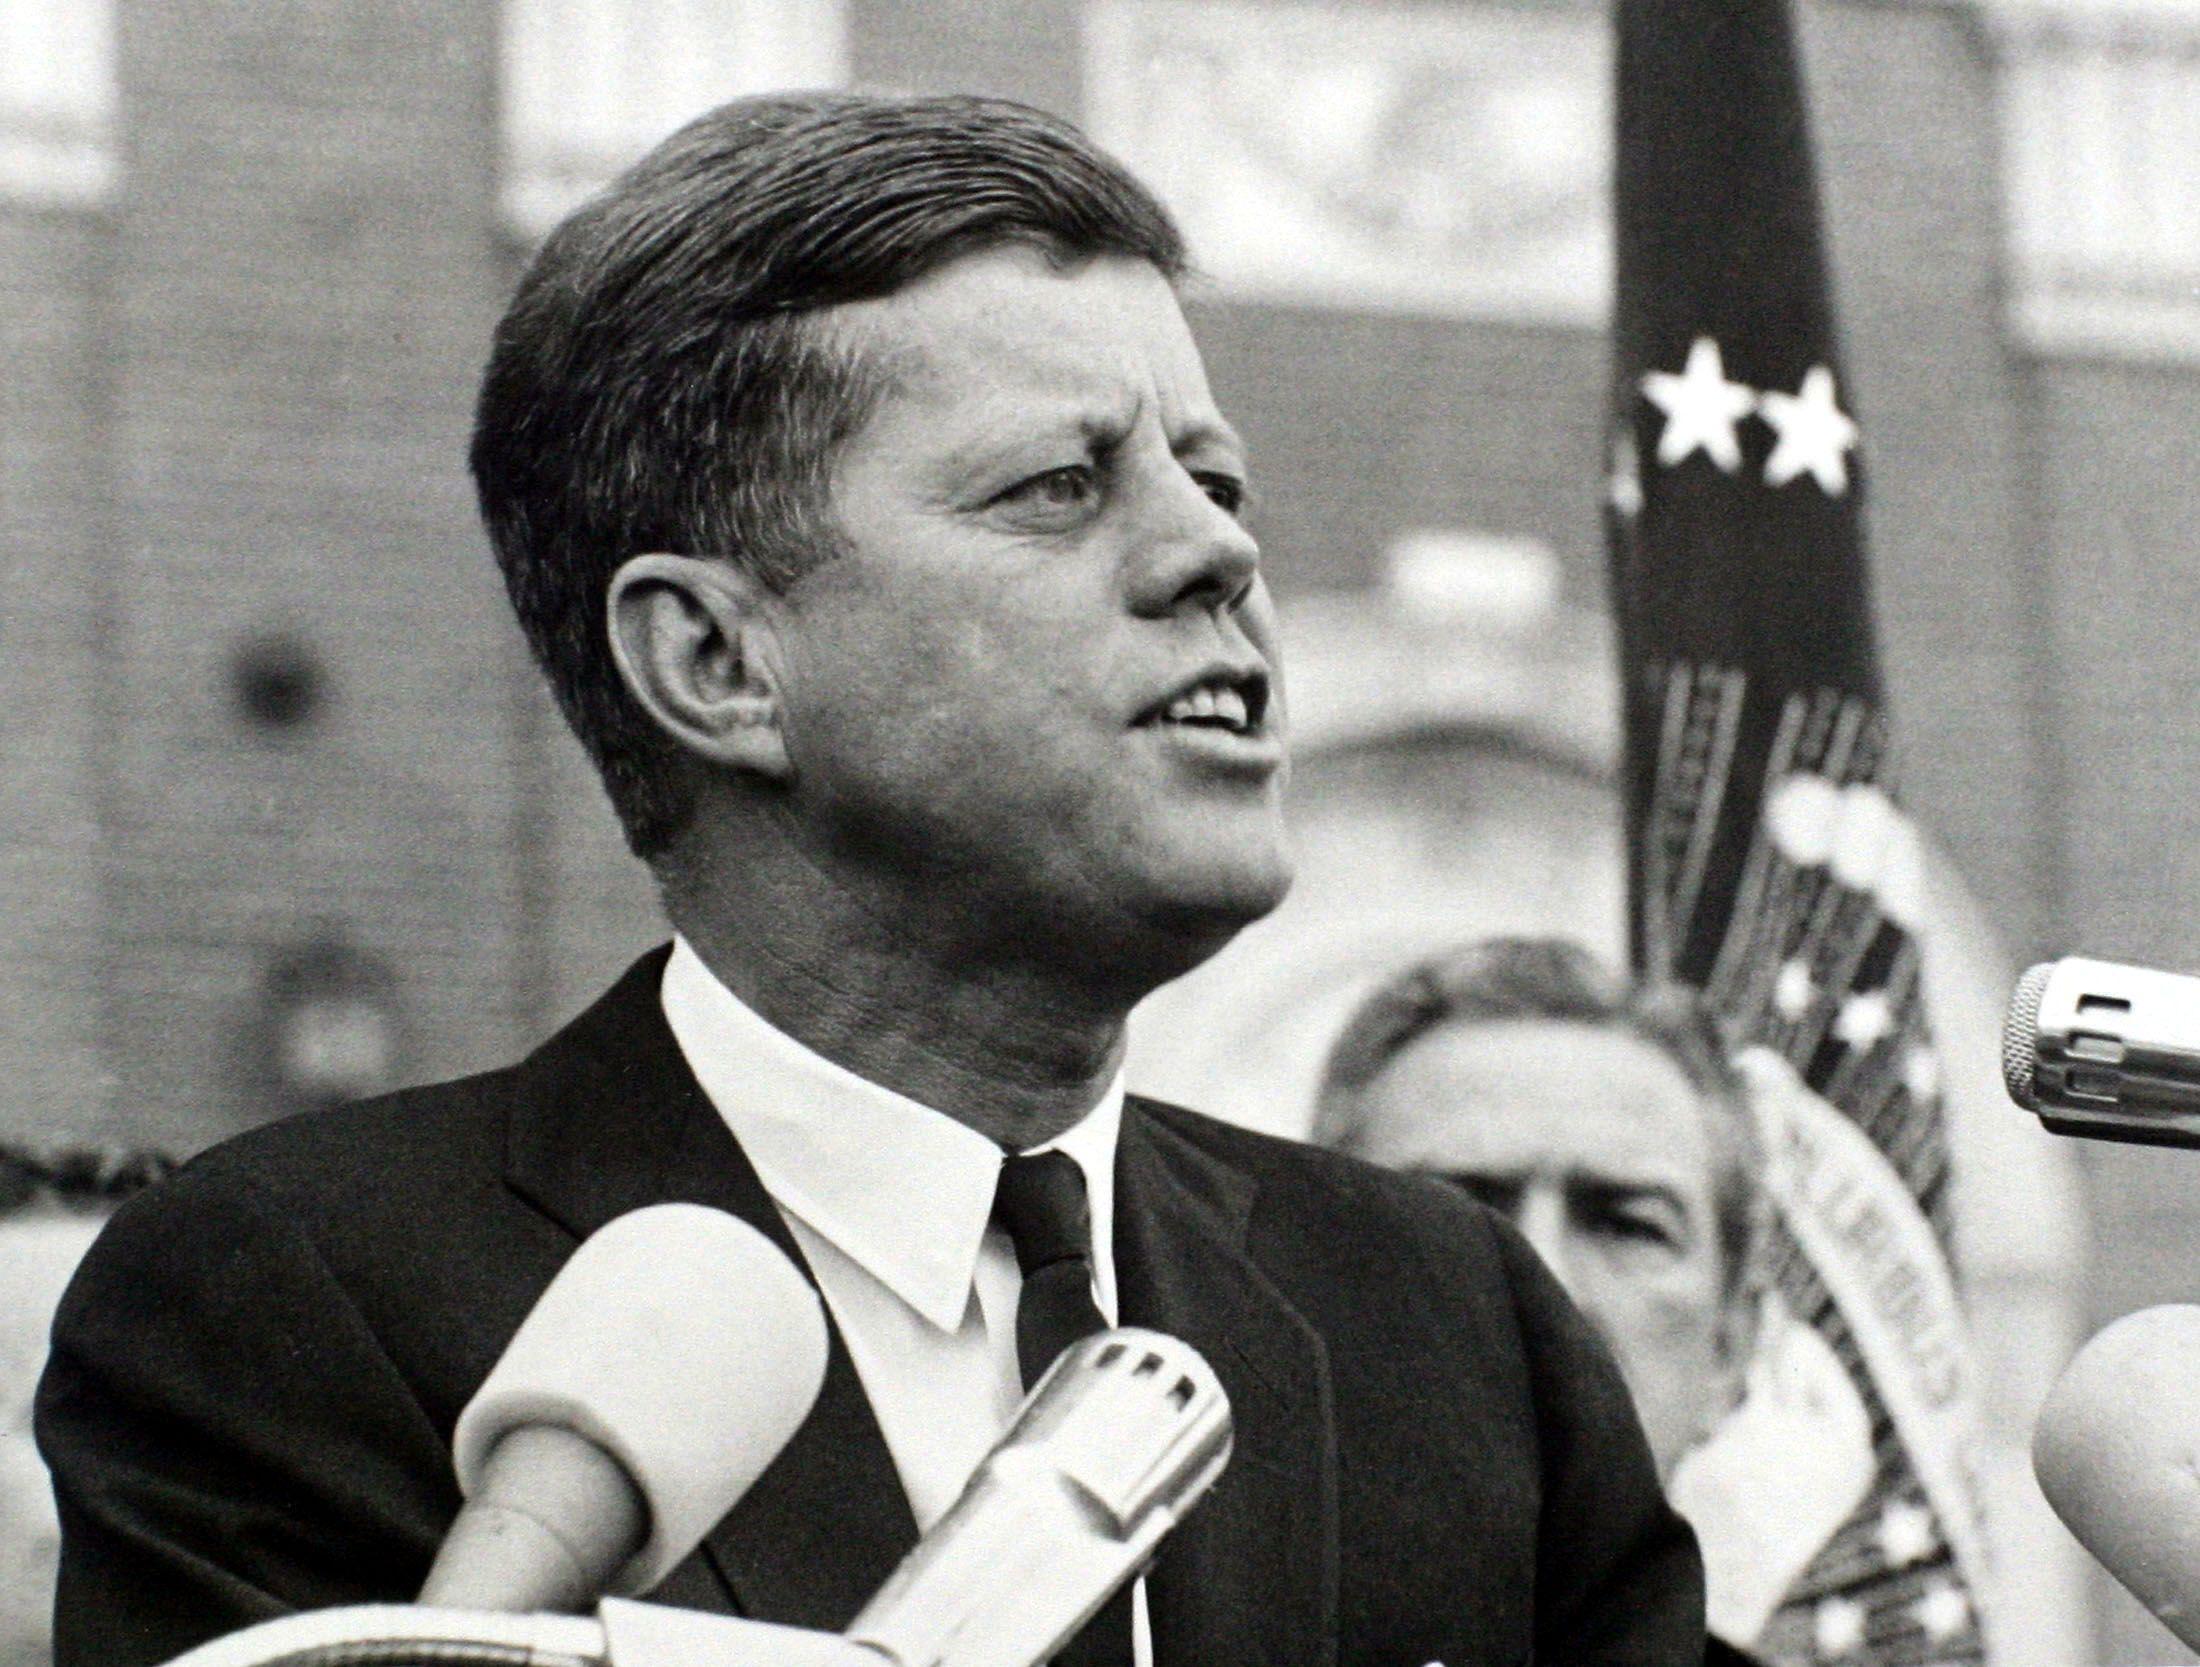 A quoi faut-il s'attendre de l'ouverture des archives sur JFK décidée par Trump contre l'avis des agences gouvernementales ?